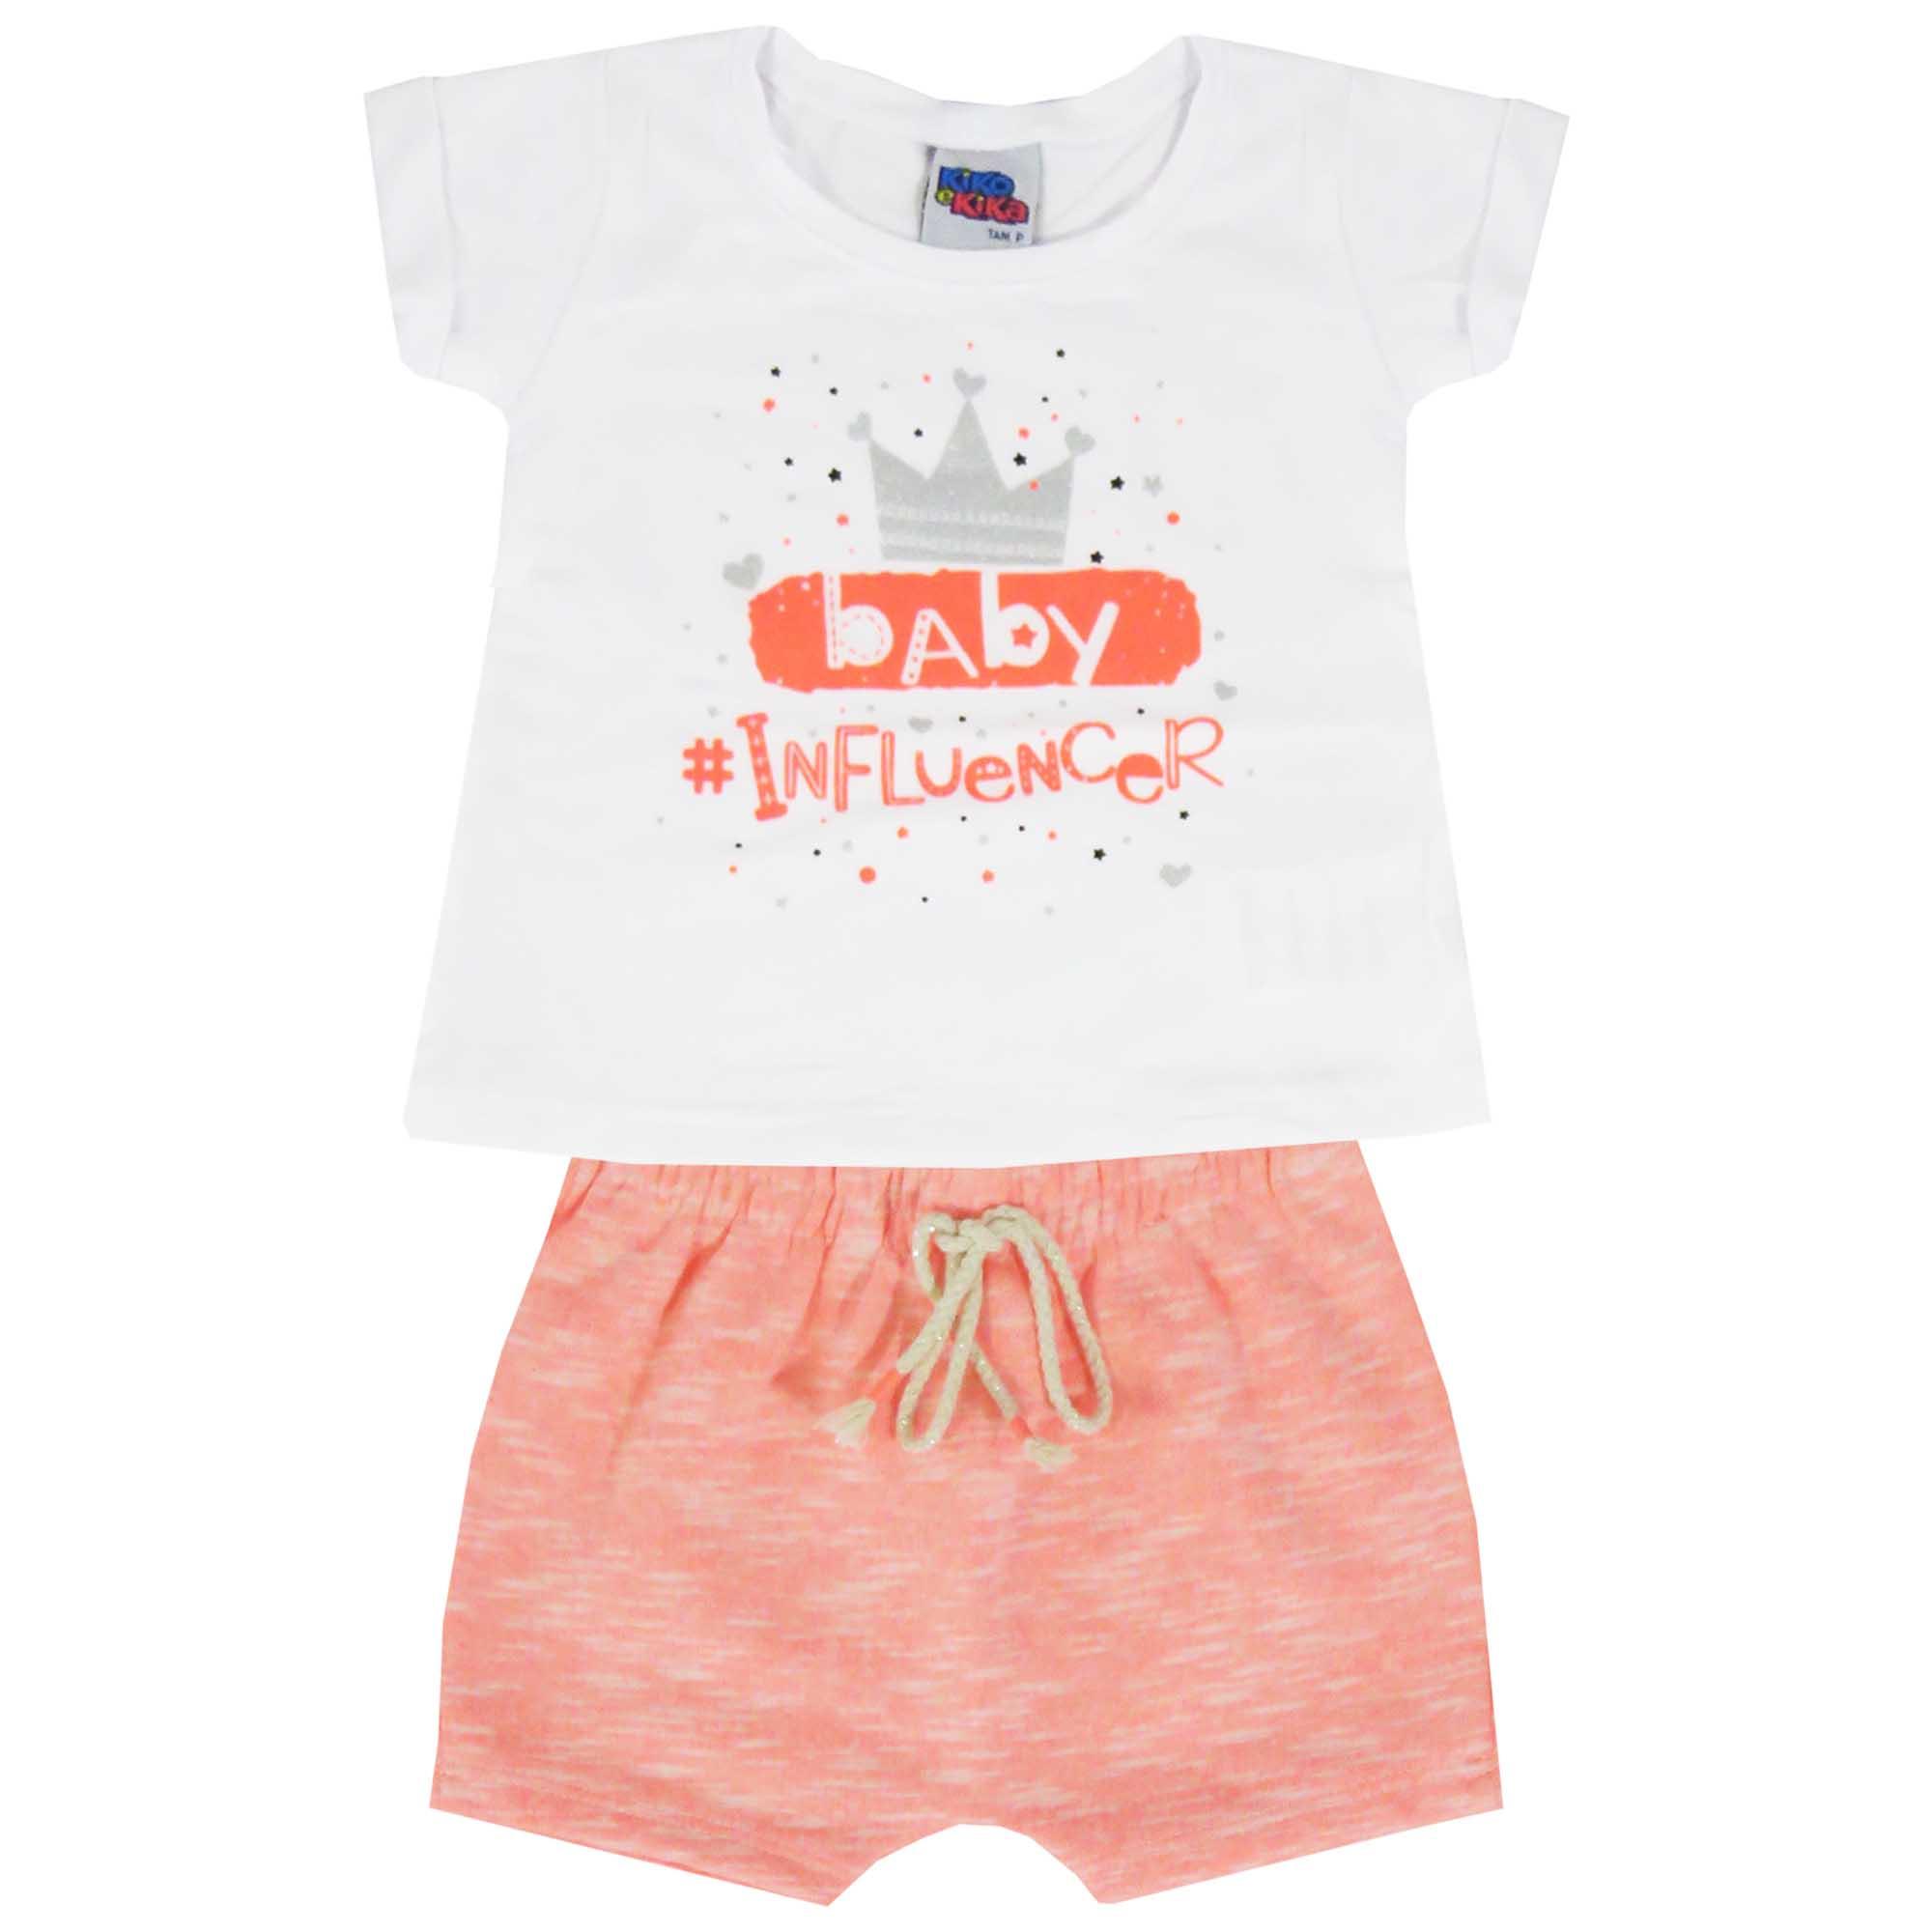 Conjunto Verão Kiko e Kika Blusa e Shorts Baby Influencer - P ao G